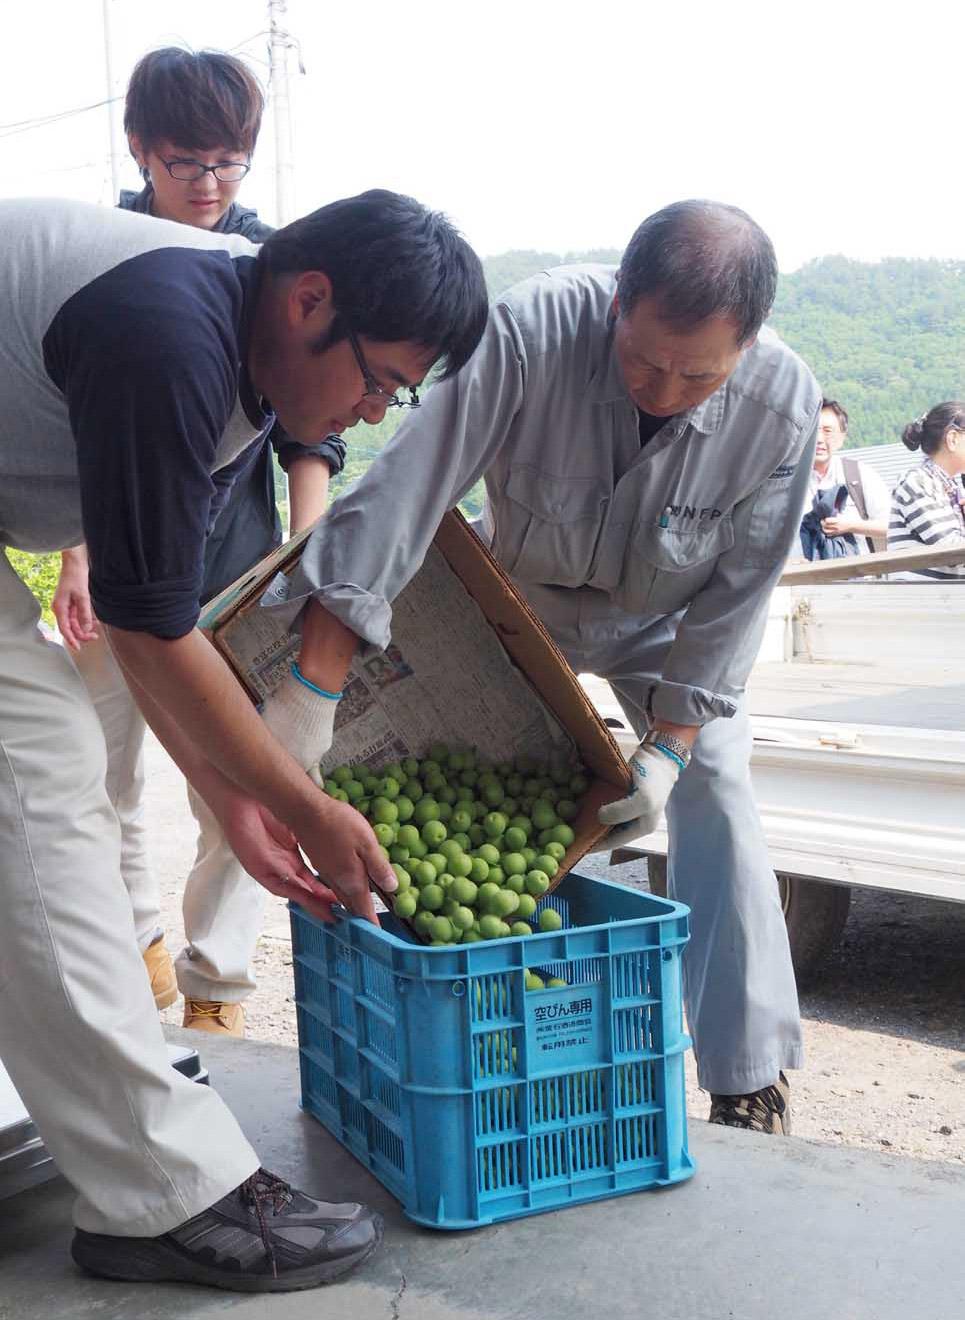 今季初の集荷会に収穫したウメの実を持ち込んだ生産者ら